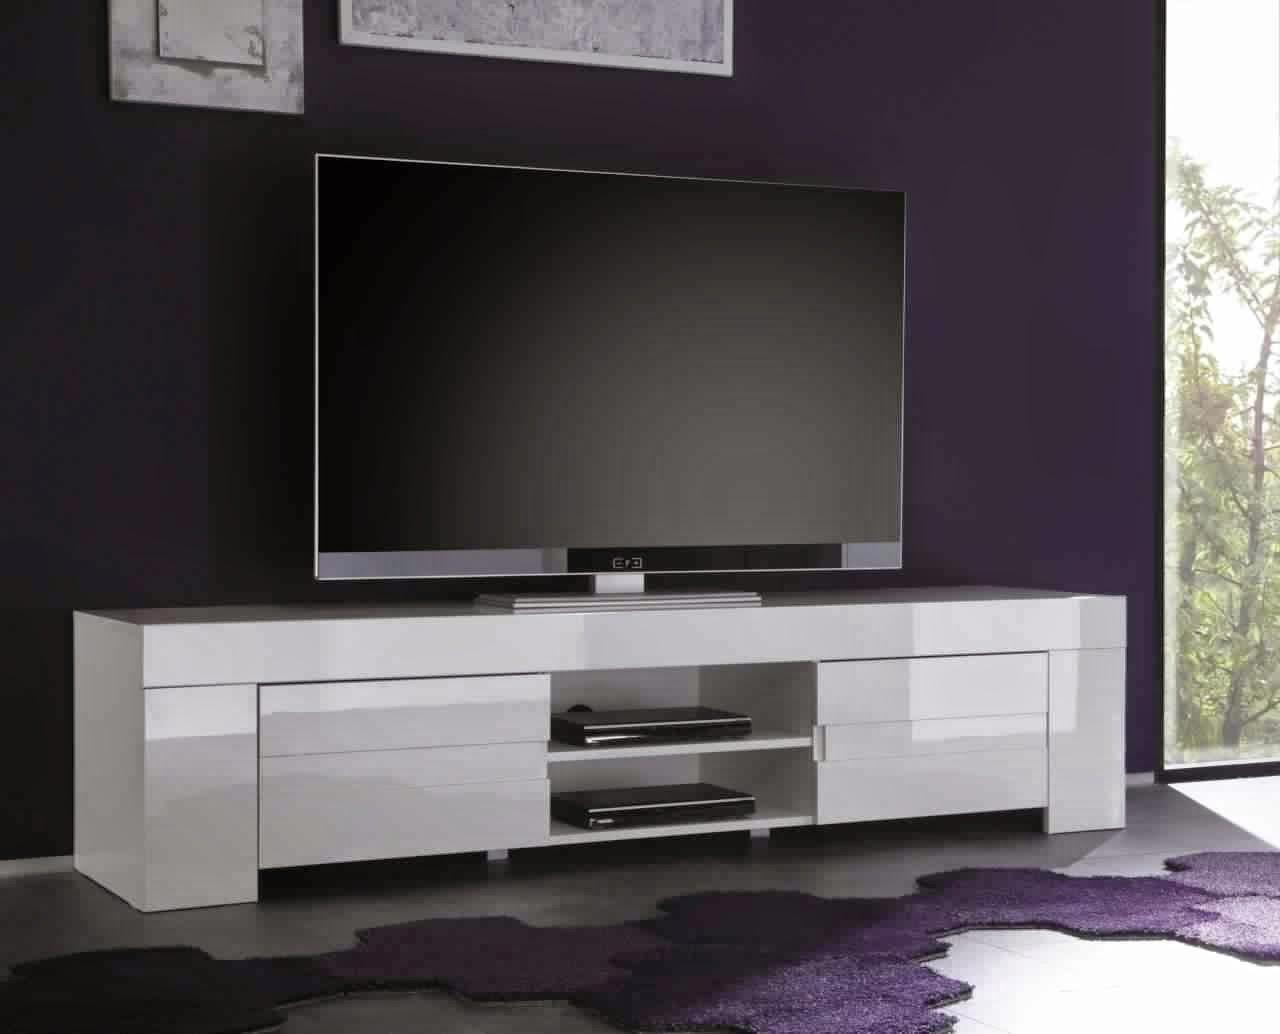 Meuble Tv Pas Cher But Mobilier Design D Coration D Int Rieur # Meuble Tv Dangle Pas Cher